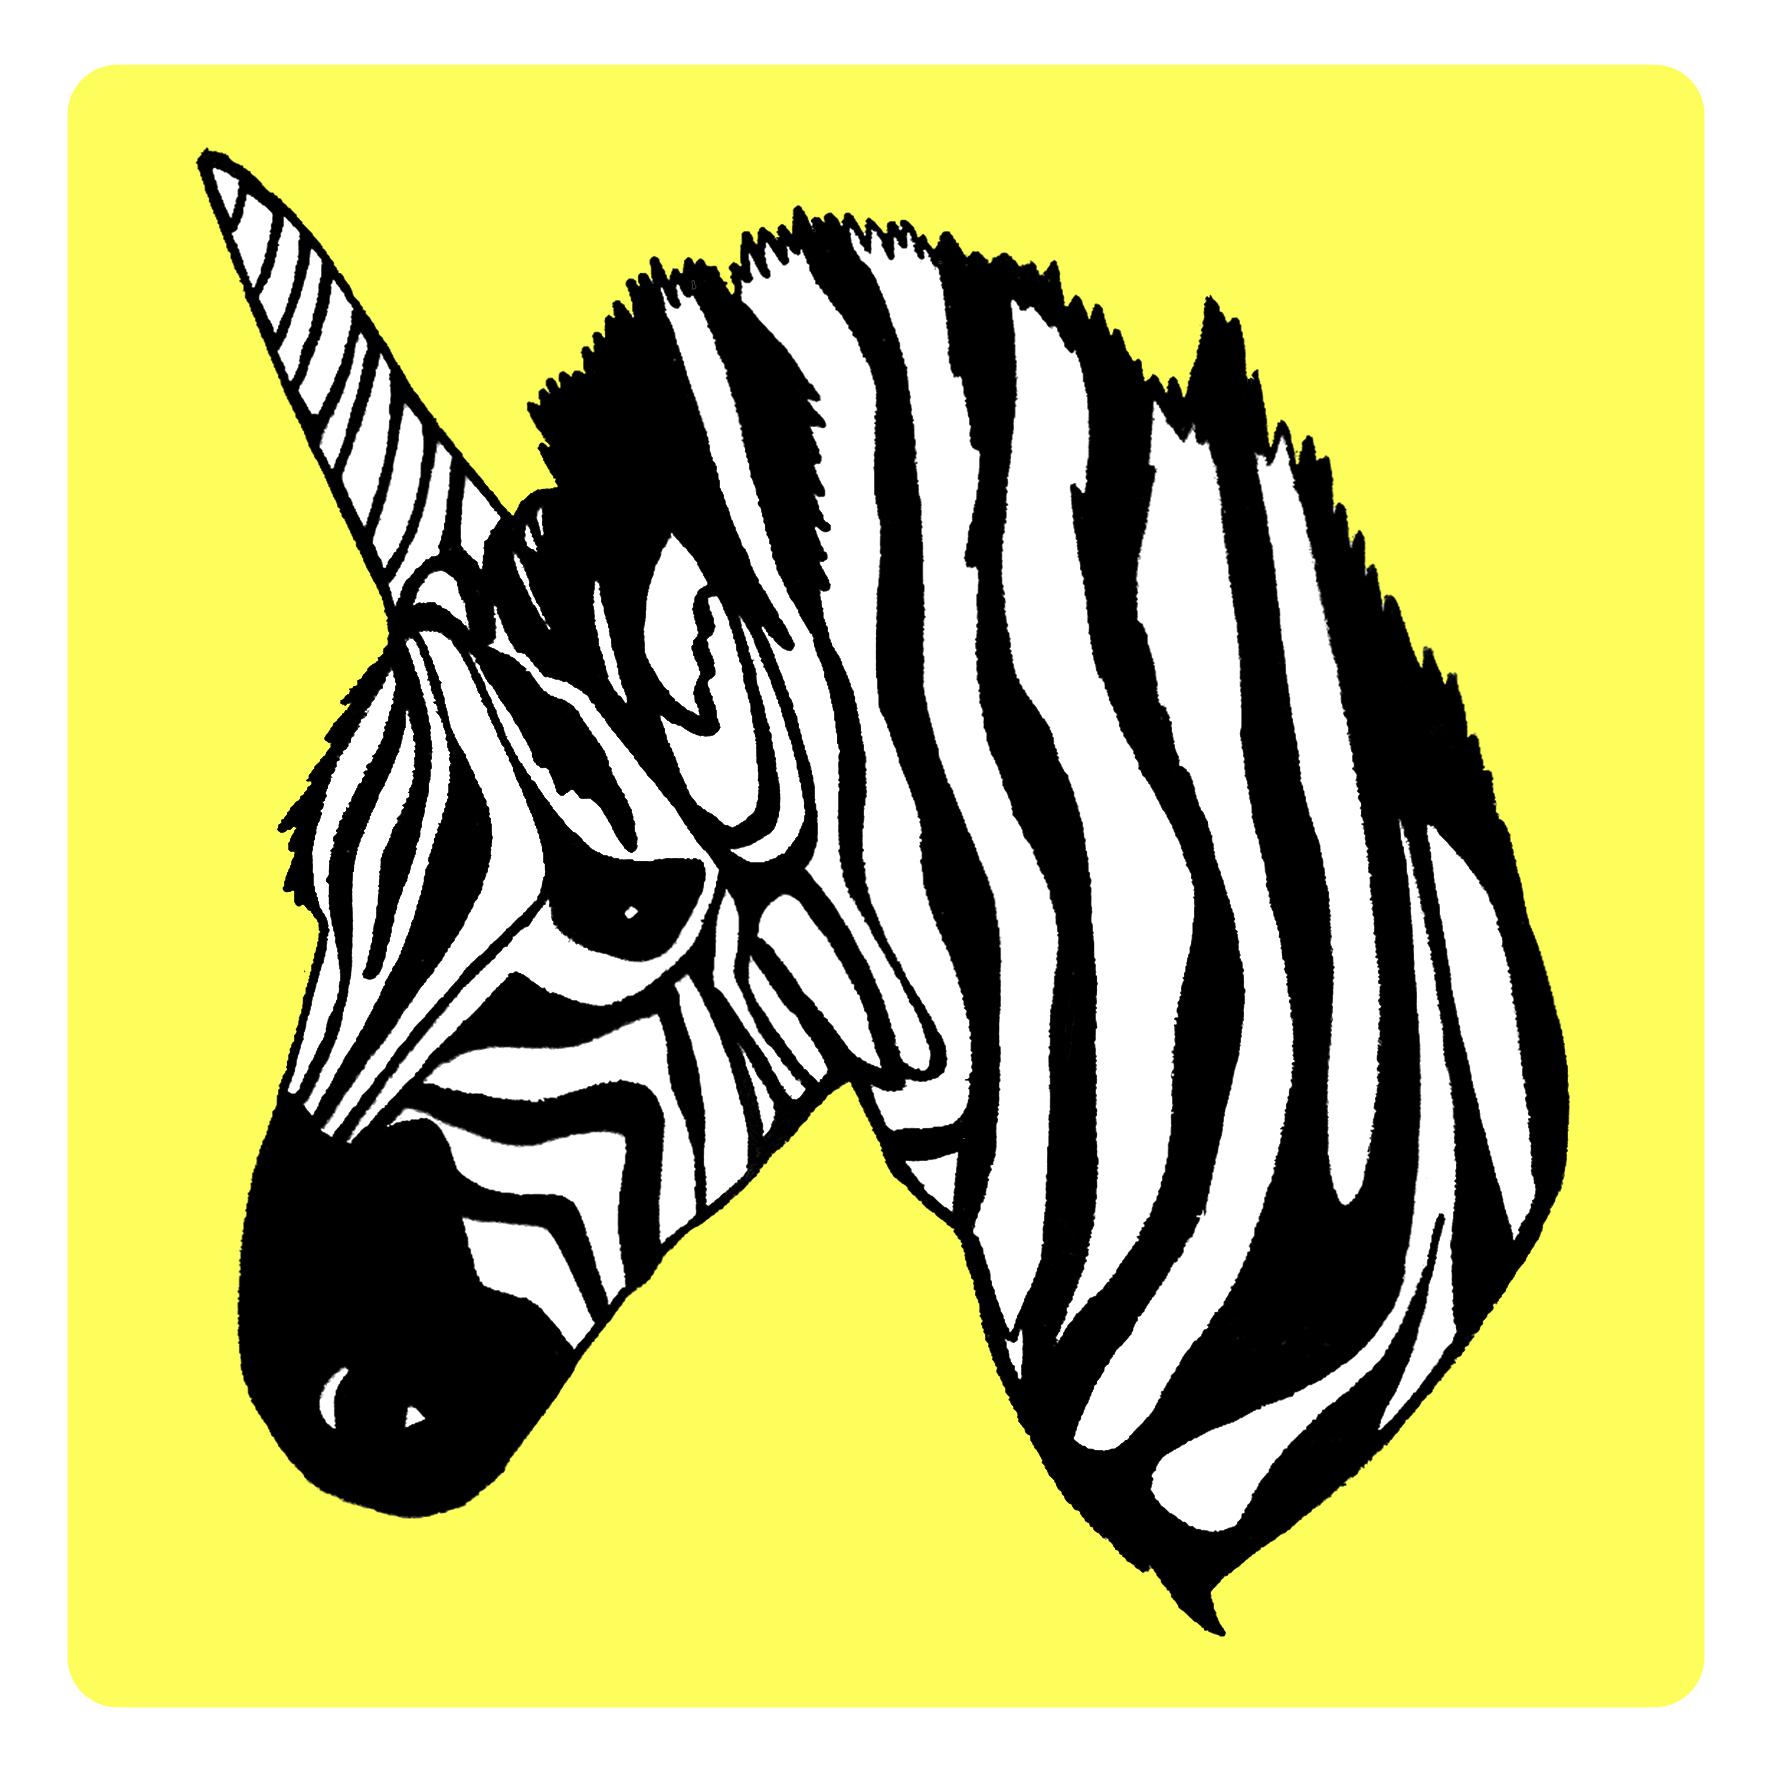 Zebra_Unicorn_Yellow.jpg